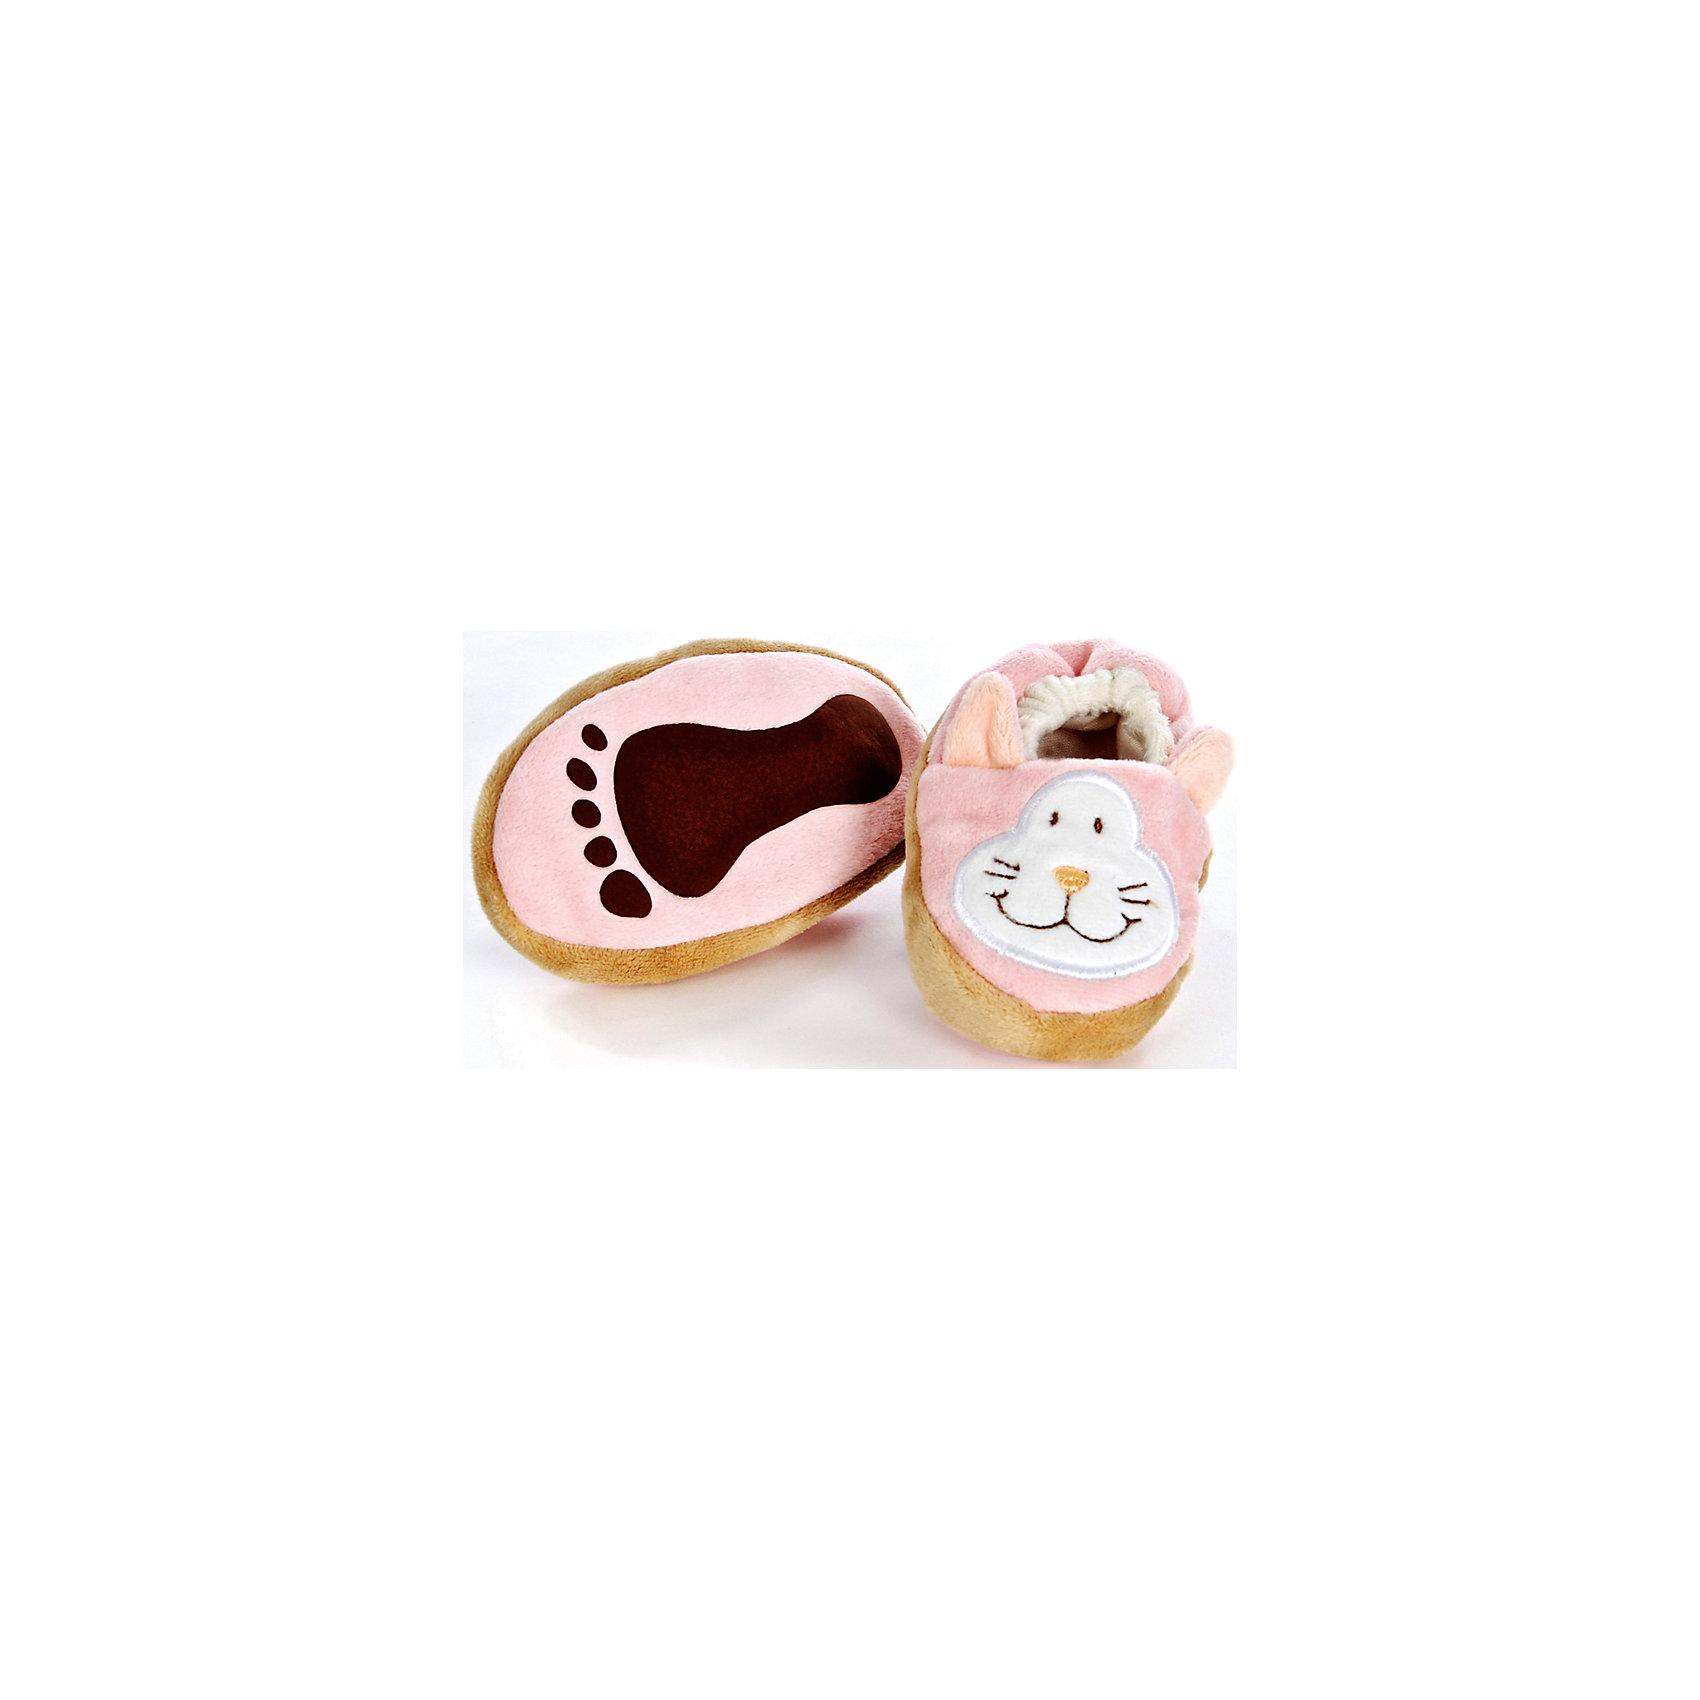 Пинетки Кот большие 12 см, ДинглисарПинетки и царапки<br>Характеристики детских пинеток Teddykompaniet: <br><br>• на размер ножки: 12 см;<br>• имеется тормоз на подошве;<br>• материал: 100% хлопок (велюр);<br>• серия: Динглисар.<br><br>Детские пинетки для самых маленьких украшены мордочкой жирафика. Мягкие и теплые, пинетки выполнены из велюра. Малыш учится делать свои первые шажки в сопровождении забавных зверушек. <br><br>Пинетки Кот большие 12 см, Динглисар можно купить в нашем интернет-магазине.<br><br>Ширина мм: 100<br>Глубина мм: 50<br>Высота мм: 100<br>Вес г: 120<br>Возраст от месяцев: 0<br>Возраст до месяцев: 12<br>Пол: Женский<br>Возраст: Детский<br>SKU: 5220843